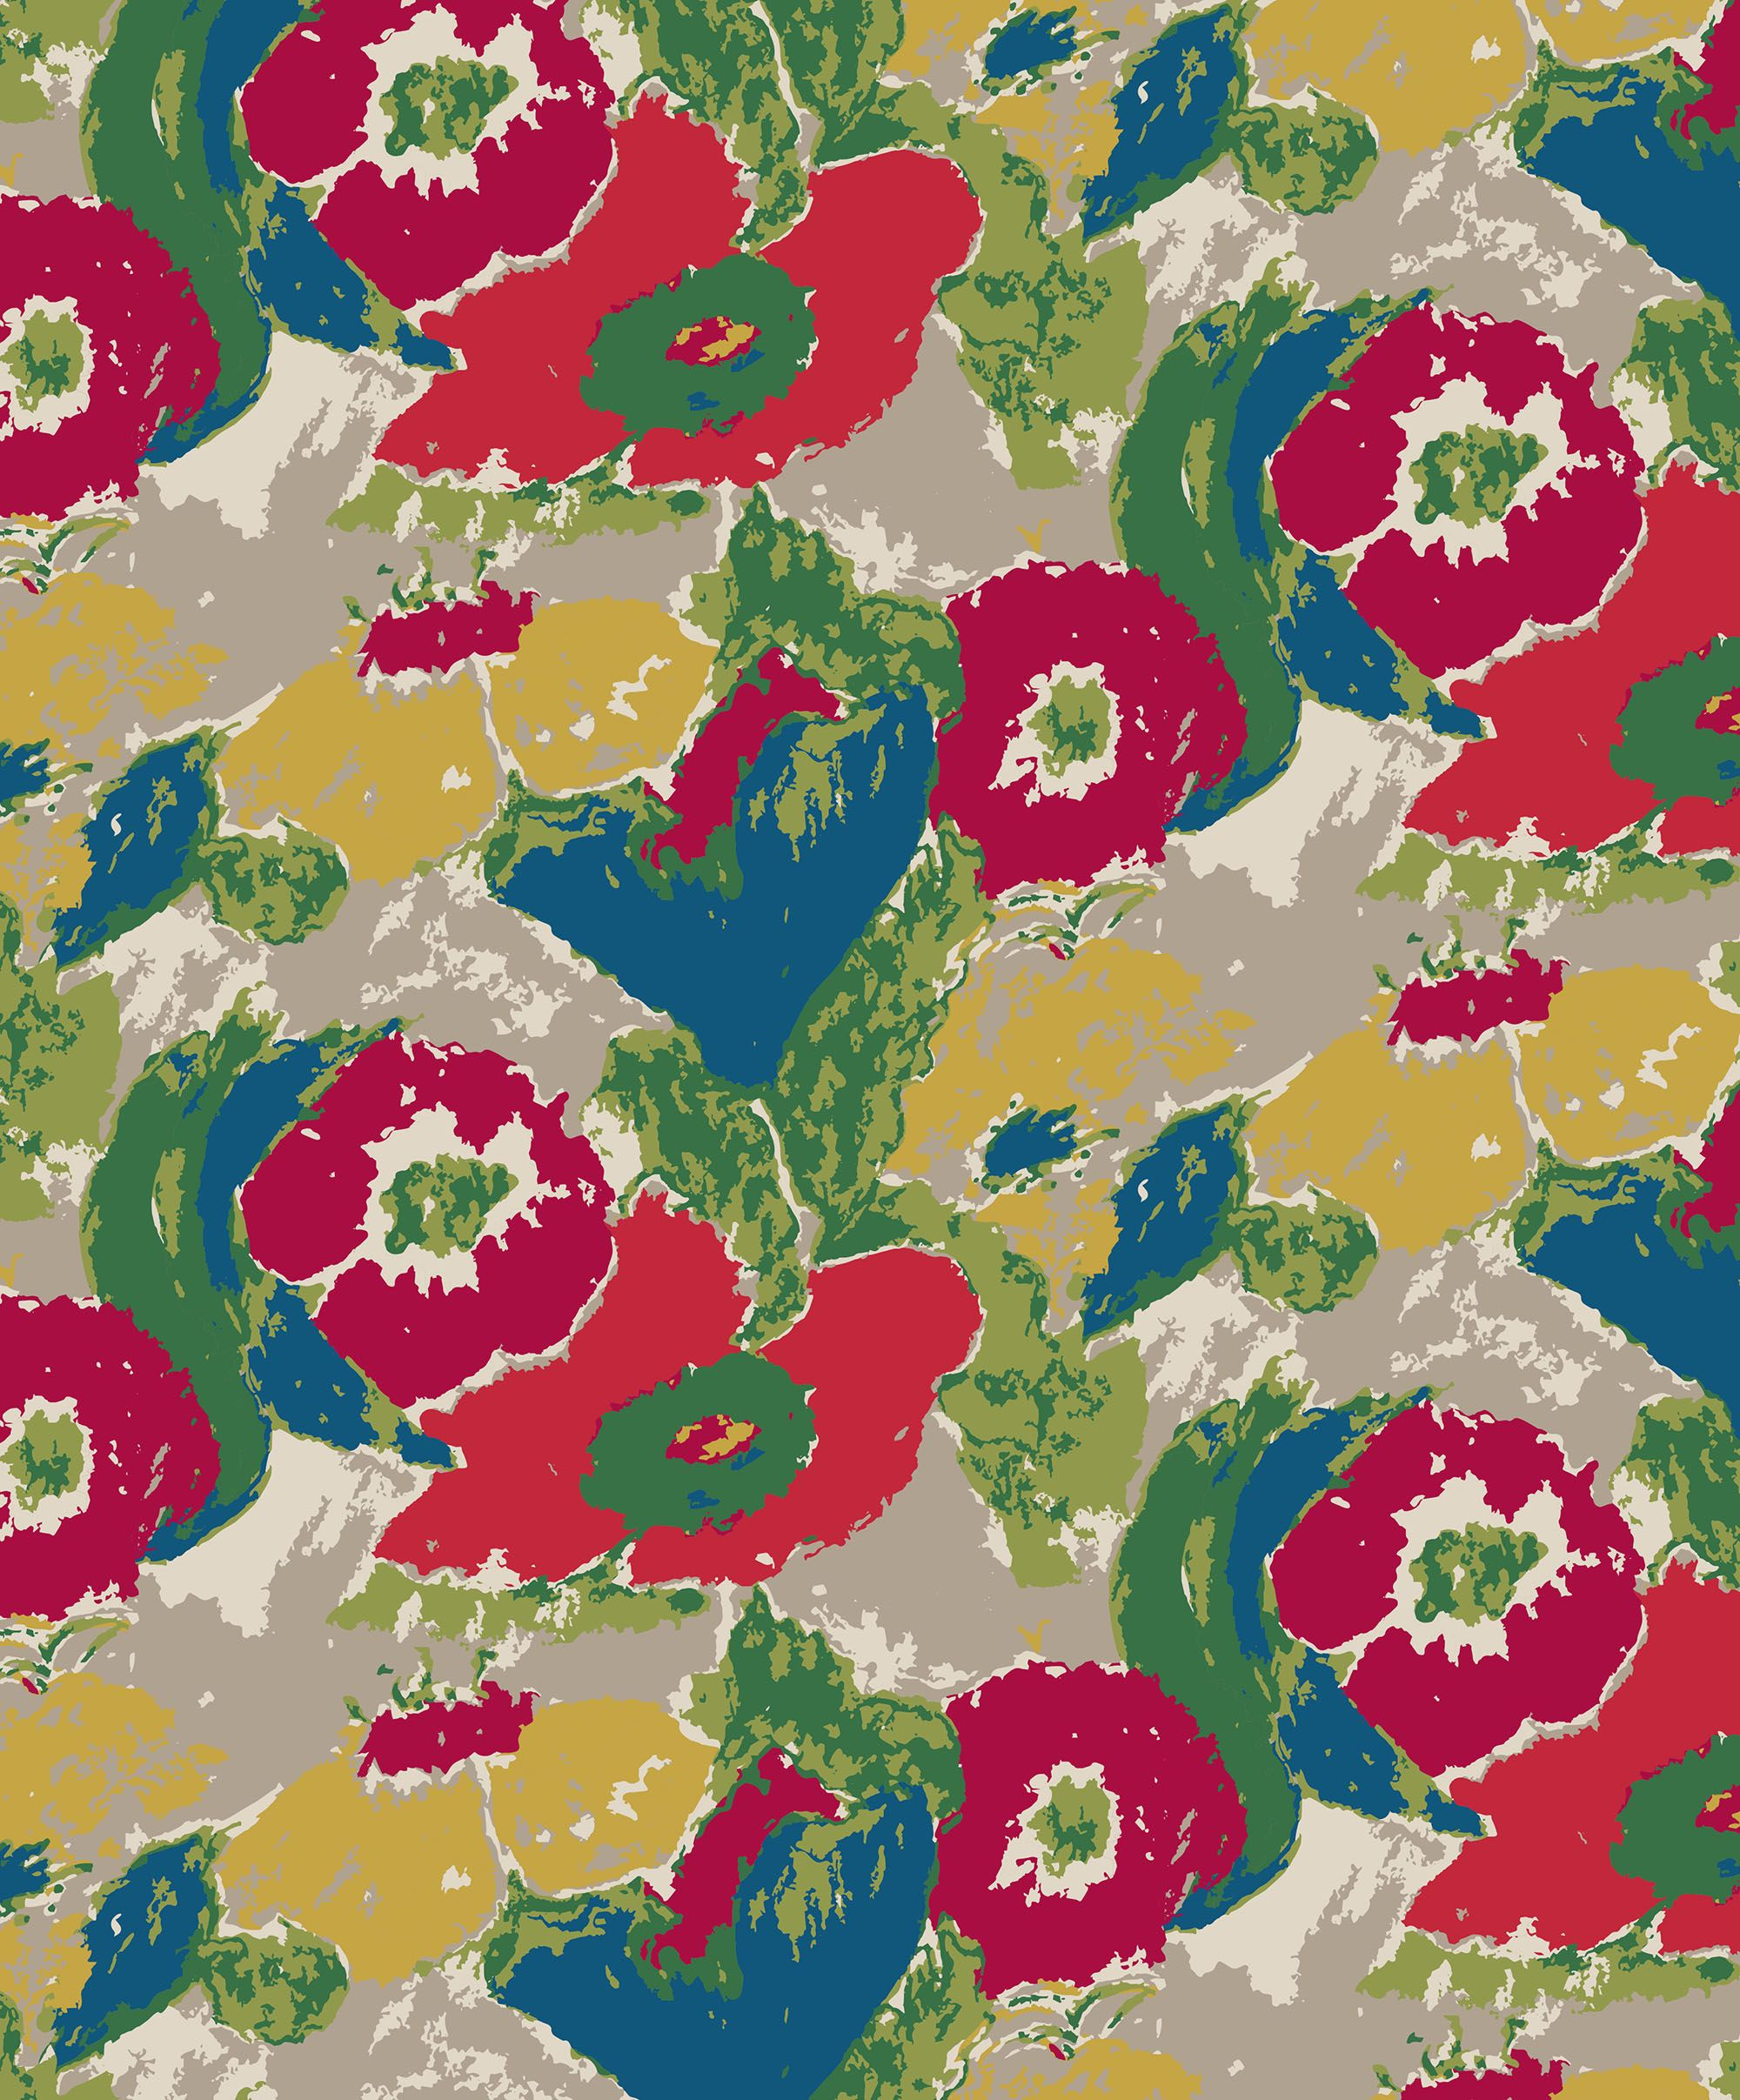 Vintage Floral Print Painterly Floral Birch Vintage Floral Print By Seasalt Cornwall